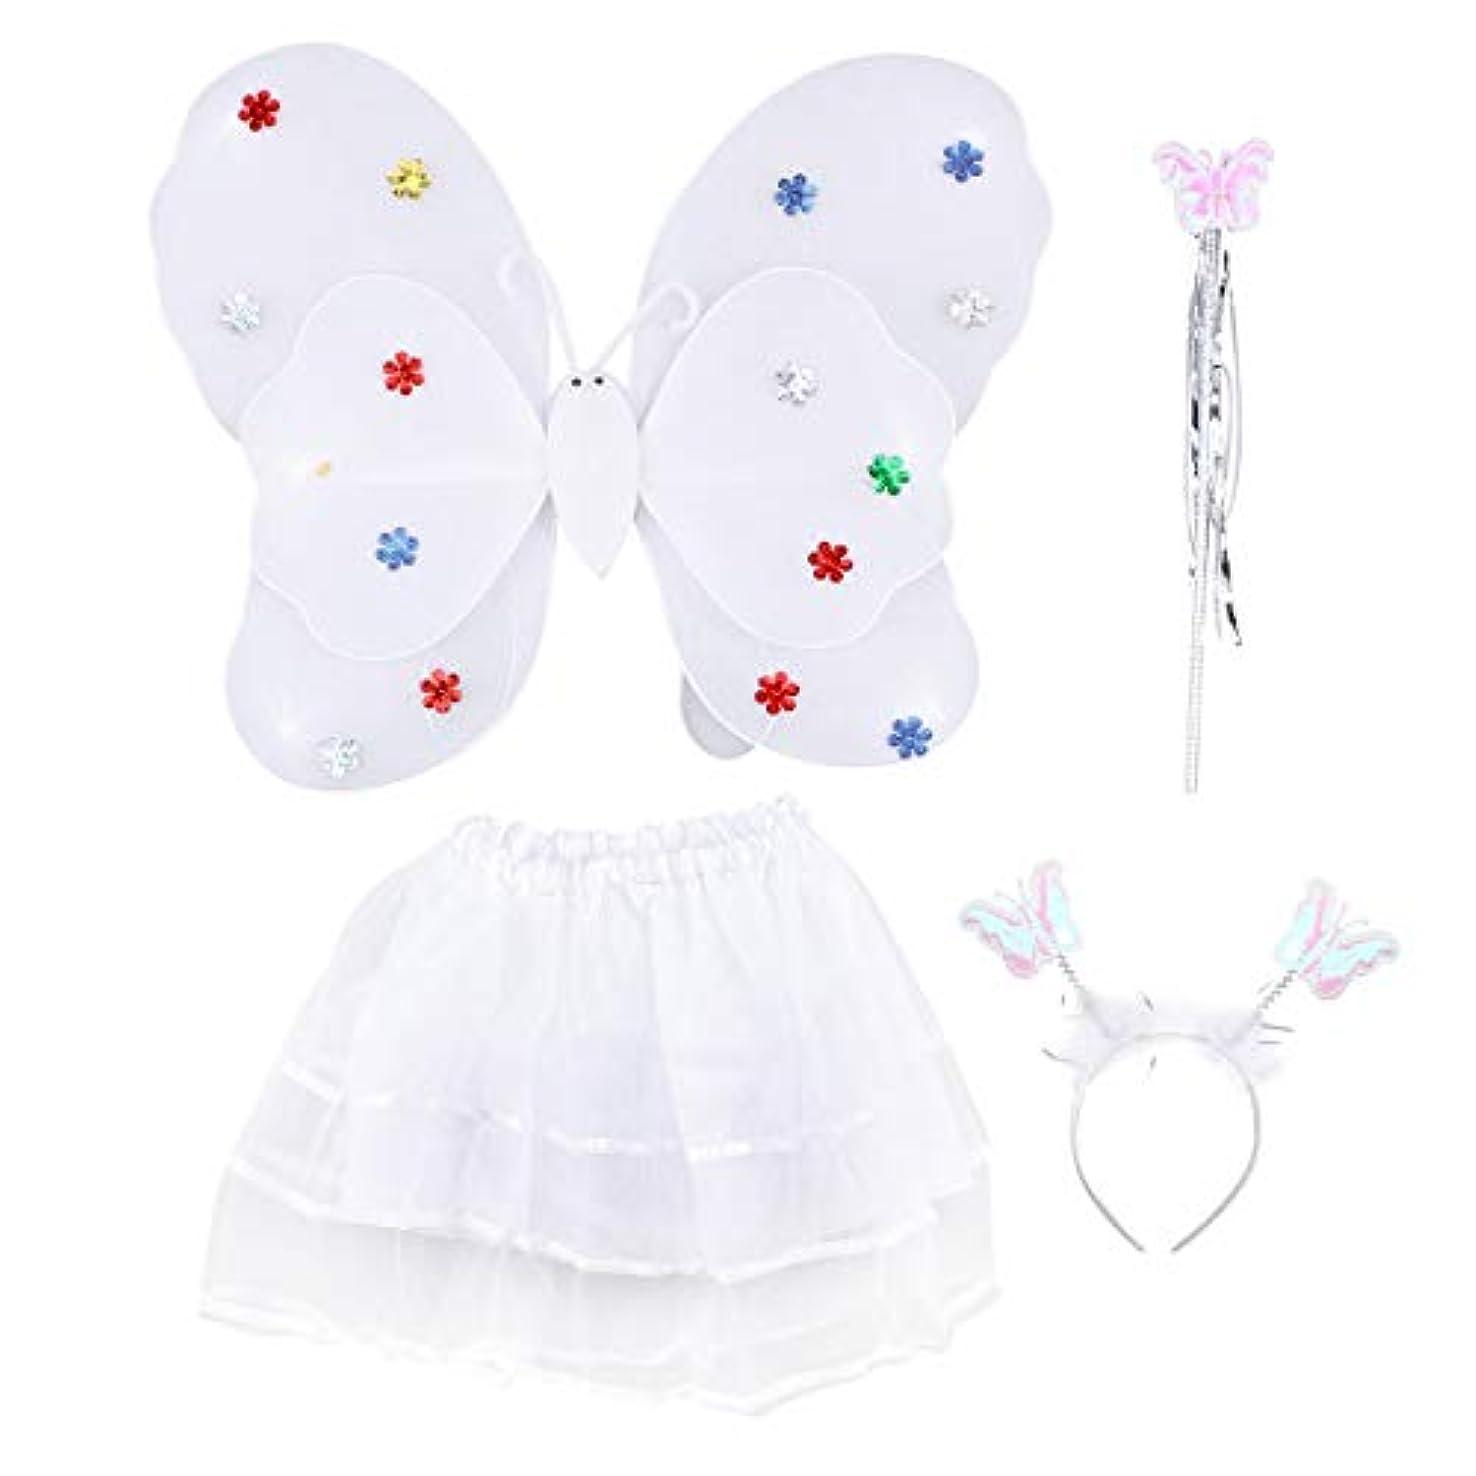 配当取得みなすAmosfun 4ピース女の子の妖精の王女の衣装セットLEDライトアップバタフライウィングワンドヘッドバンドチュチュスカート女の子のための子供子供(白)